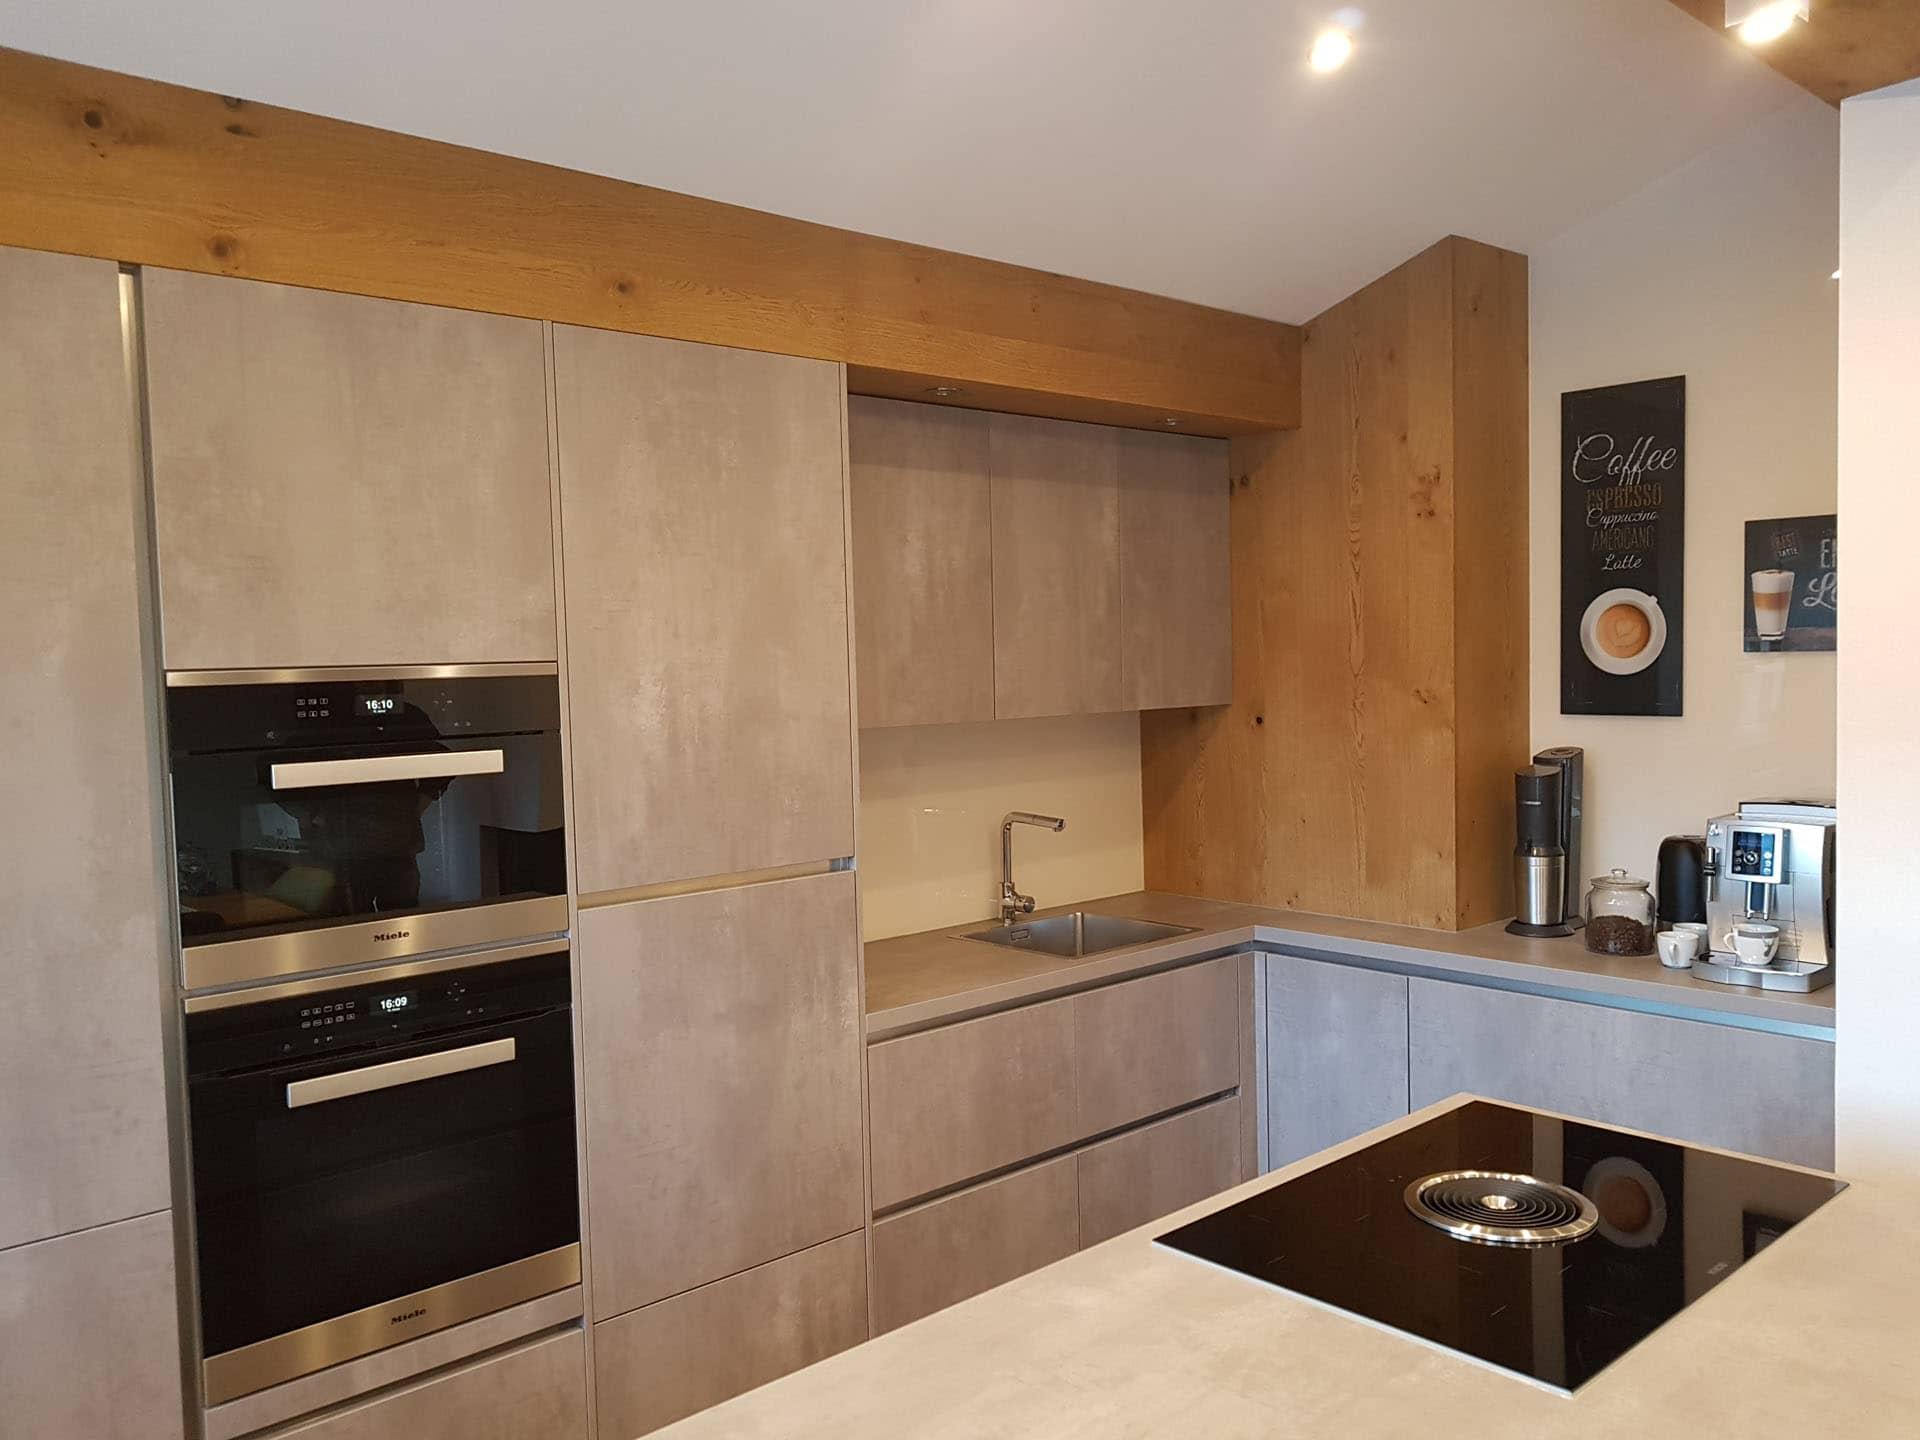 Full Size of Arbeitsplatte Küche Betonoptik Obi Küche In Betonoptik Küche Betonoptik Instagram Betonoptik Küche Wand Küche Betonoptik Küche